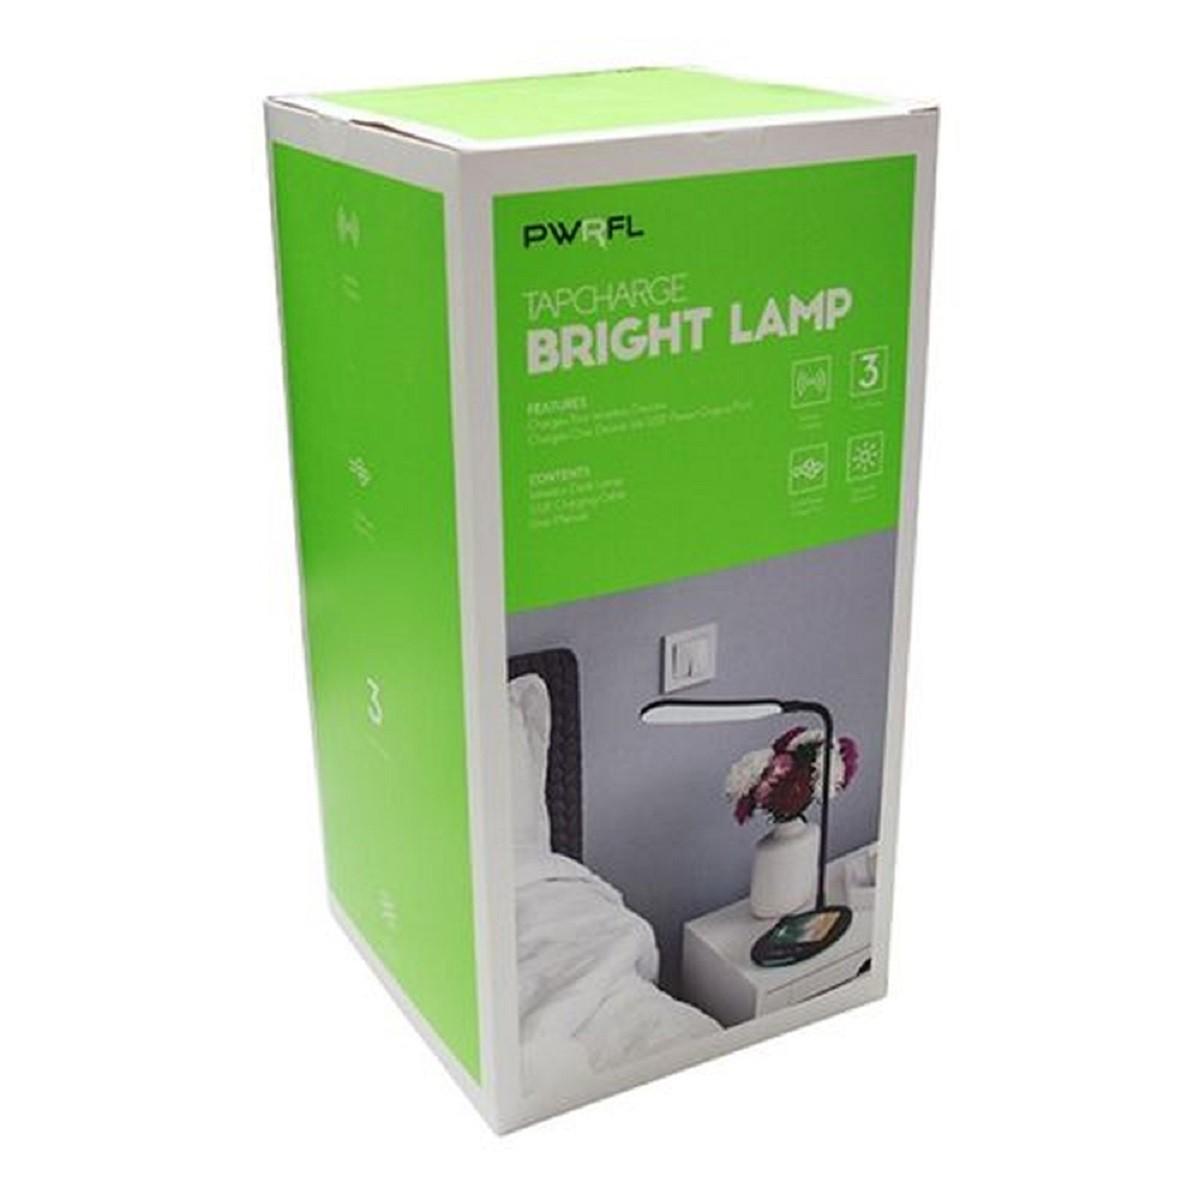 Luminaria Led Articulada Com Base Para Carga de Smartphone - Vivitar PWRFL20054W Branca